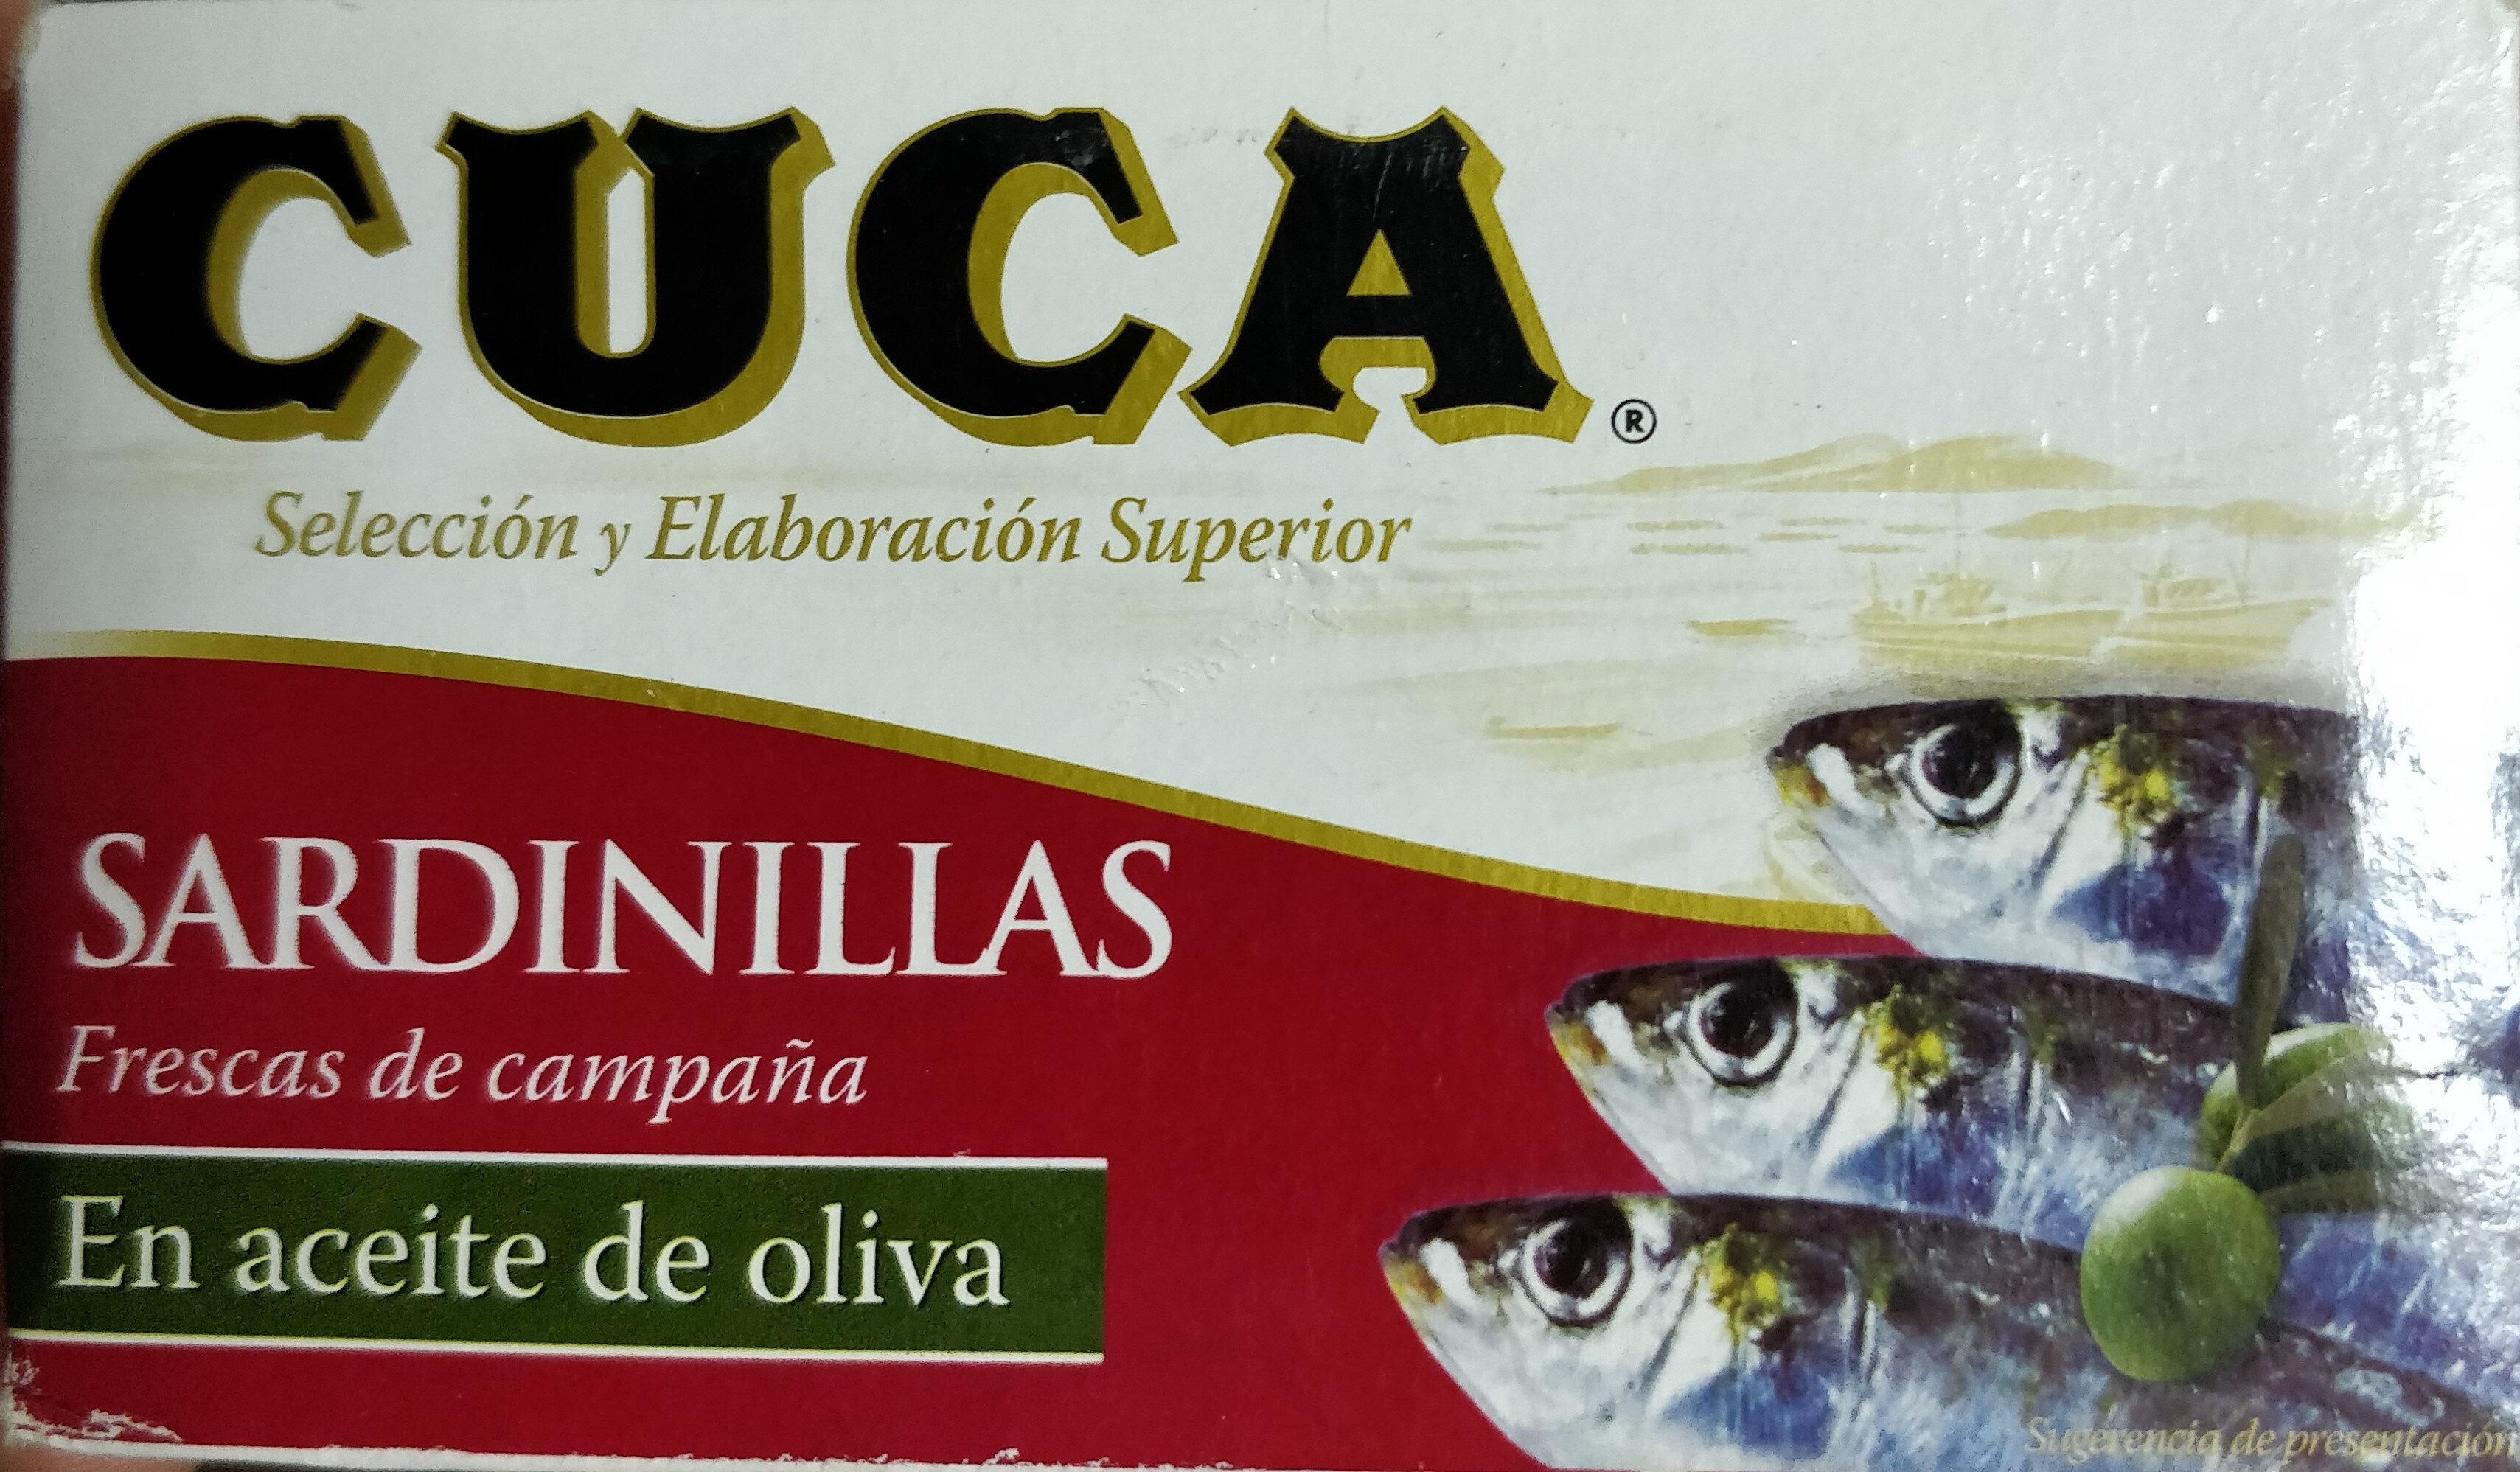 Sardinillas aceite de oliva - Producto